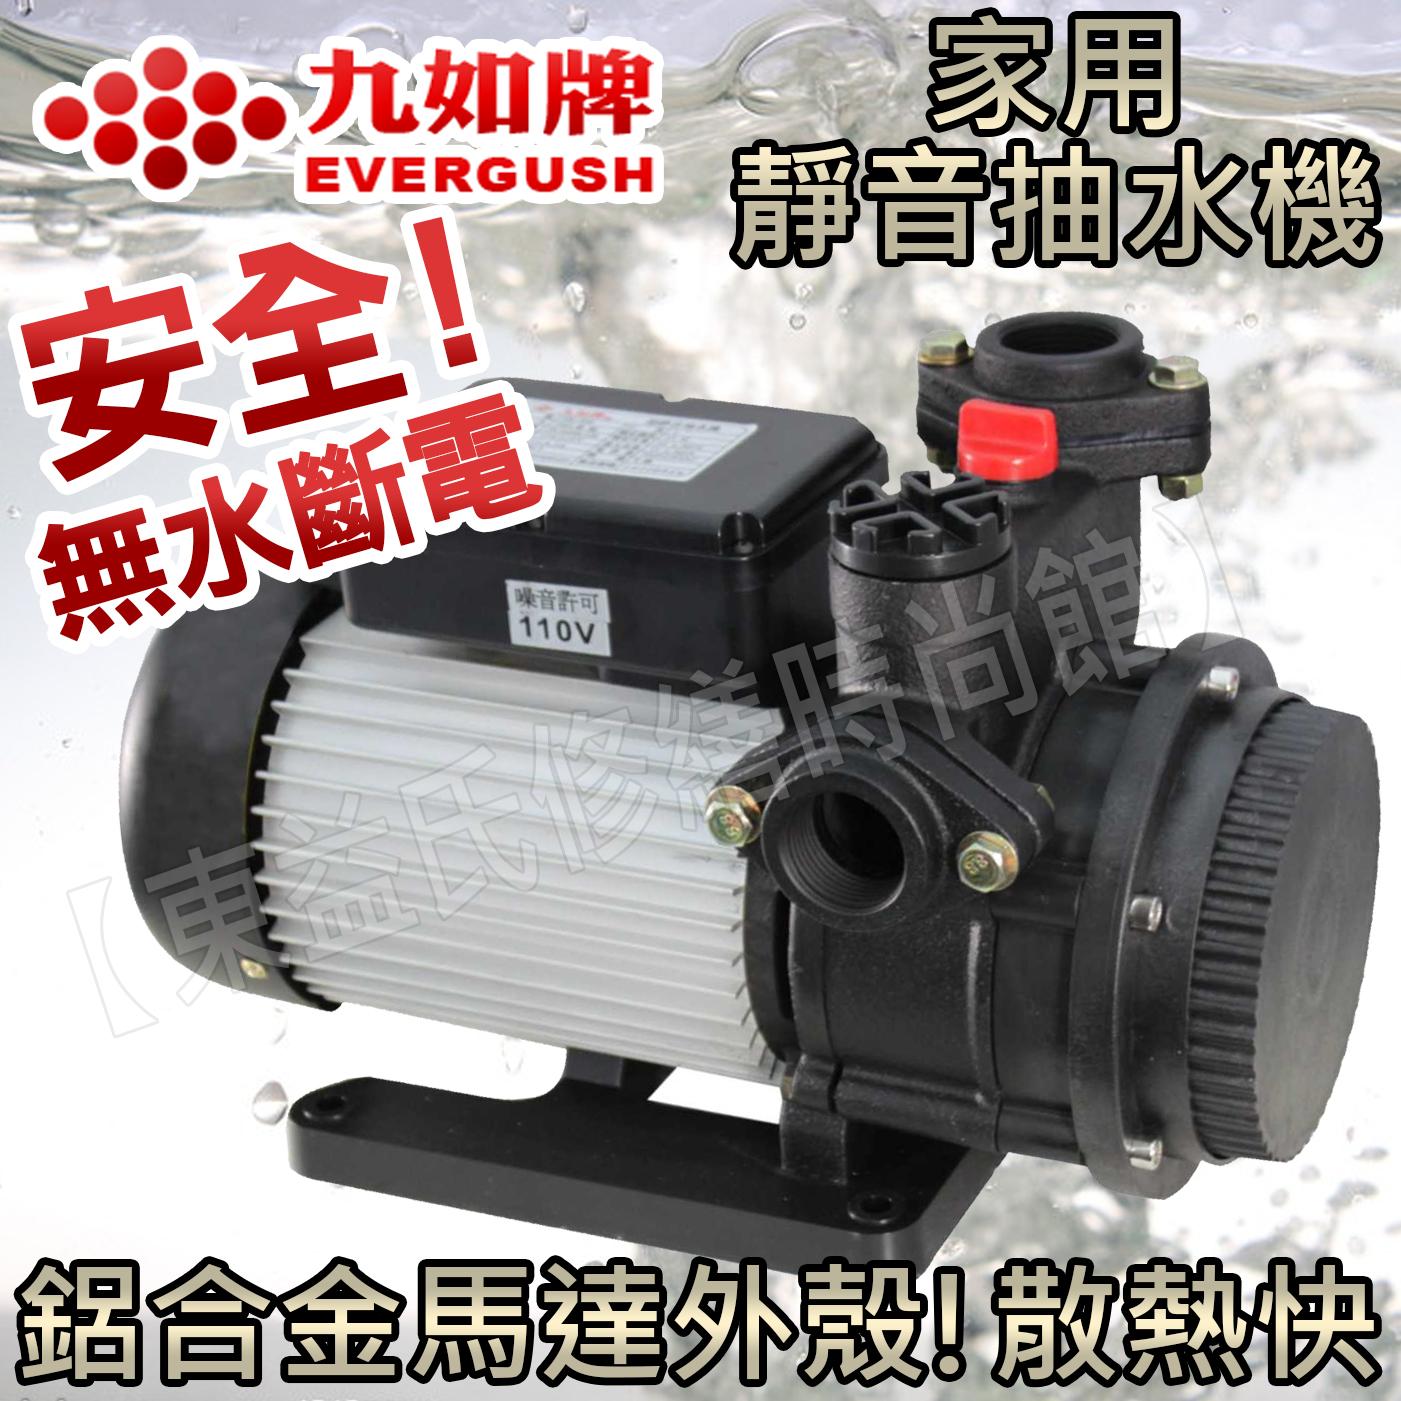 EK800 九如牌 1HP 鋁合金 靜音抽水機110V/220V通用 無水斷電【東益氏】售 大井牌